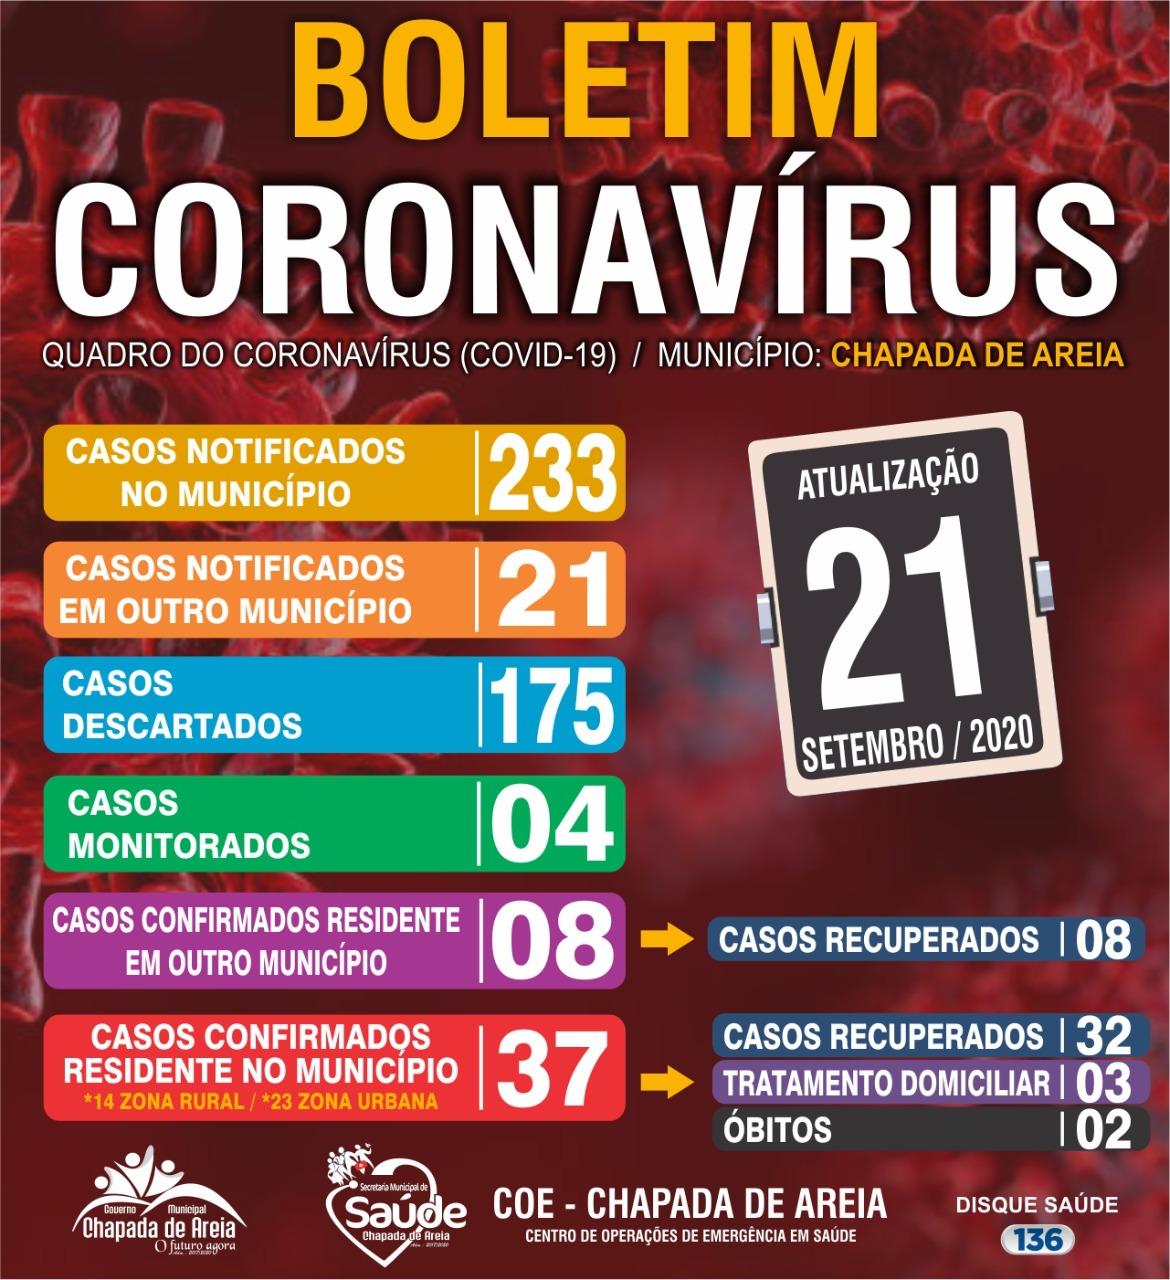 Coronavírus: Chapada de Areia totaliza 37 casos e dois óbitos; Três pacientes ainda se recuperam